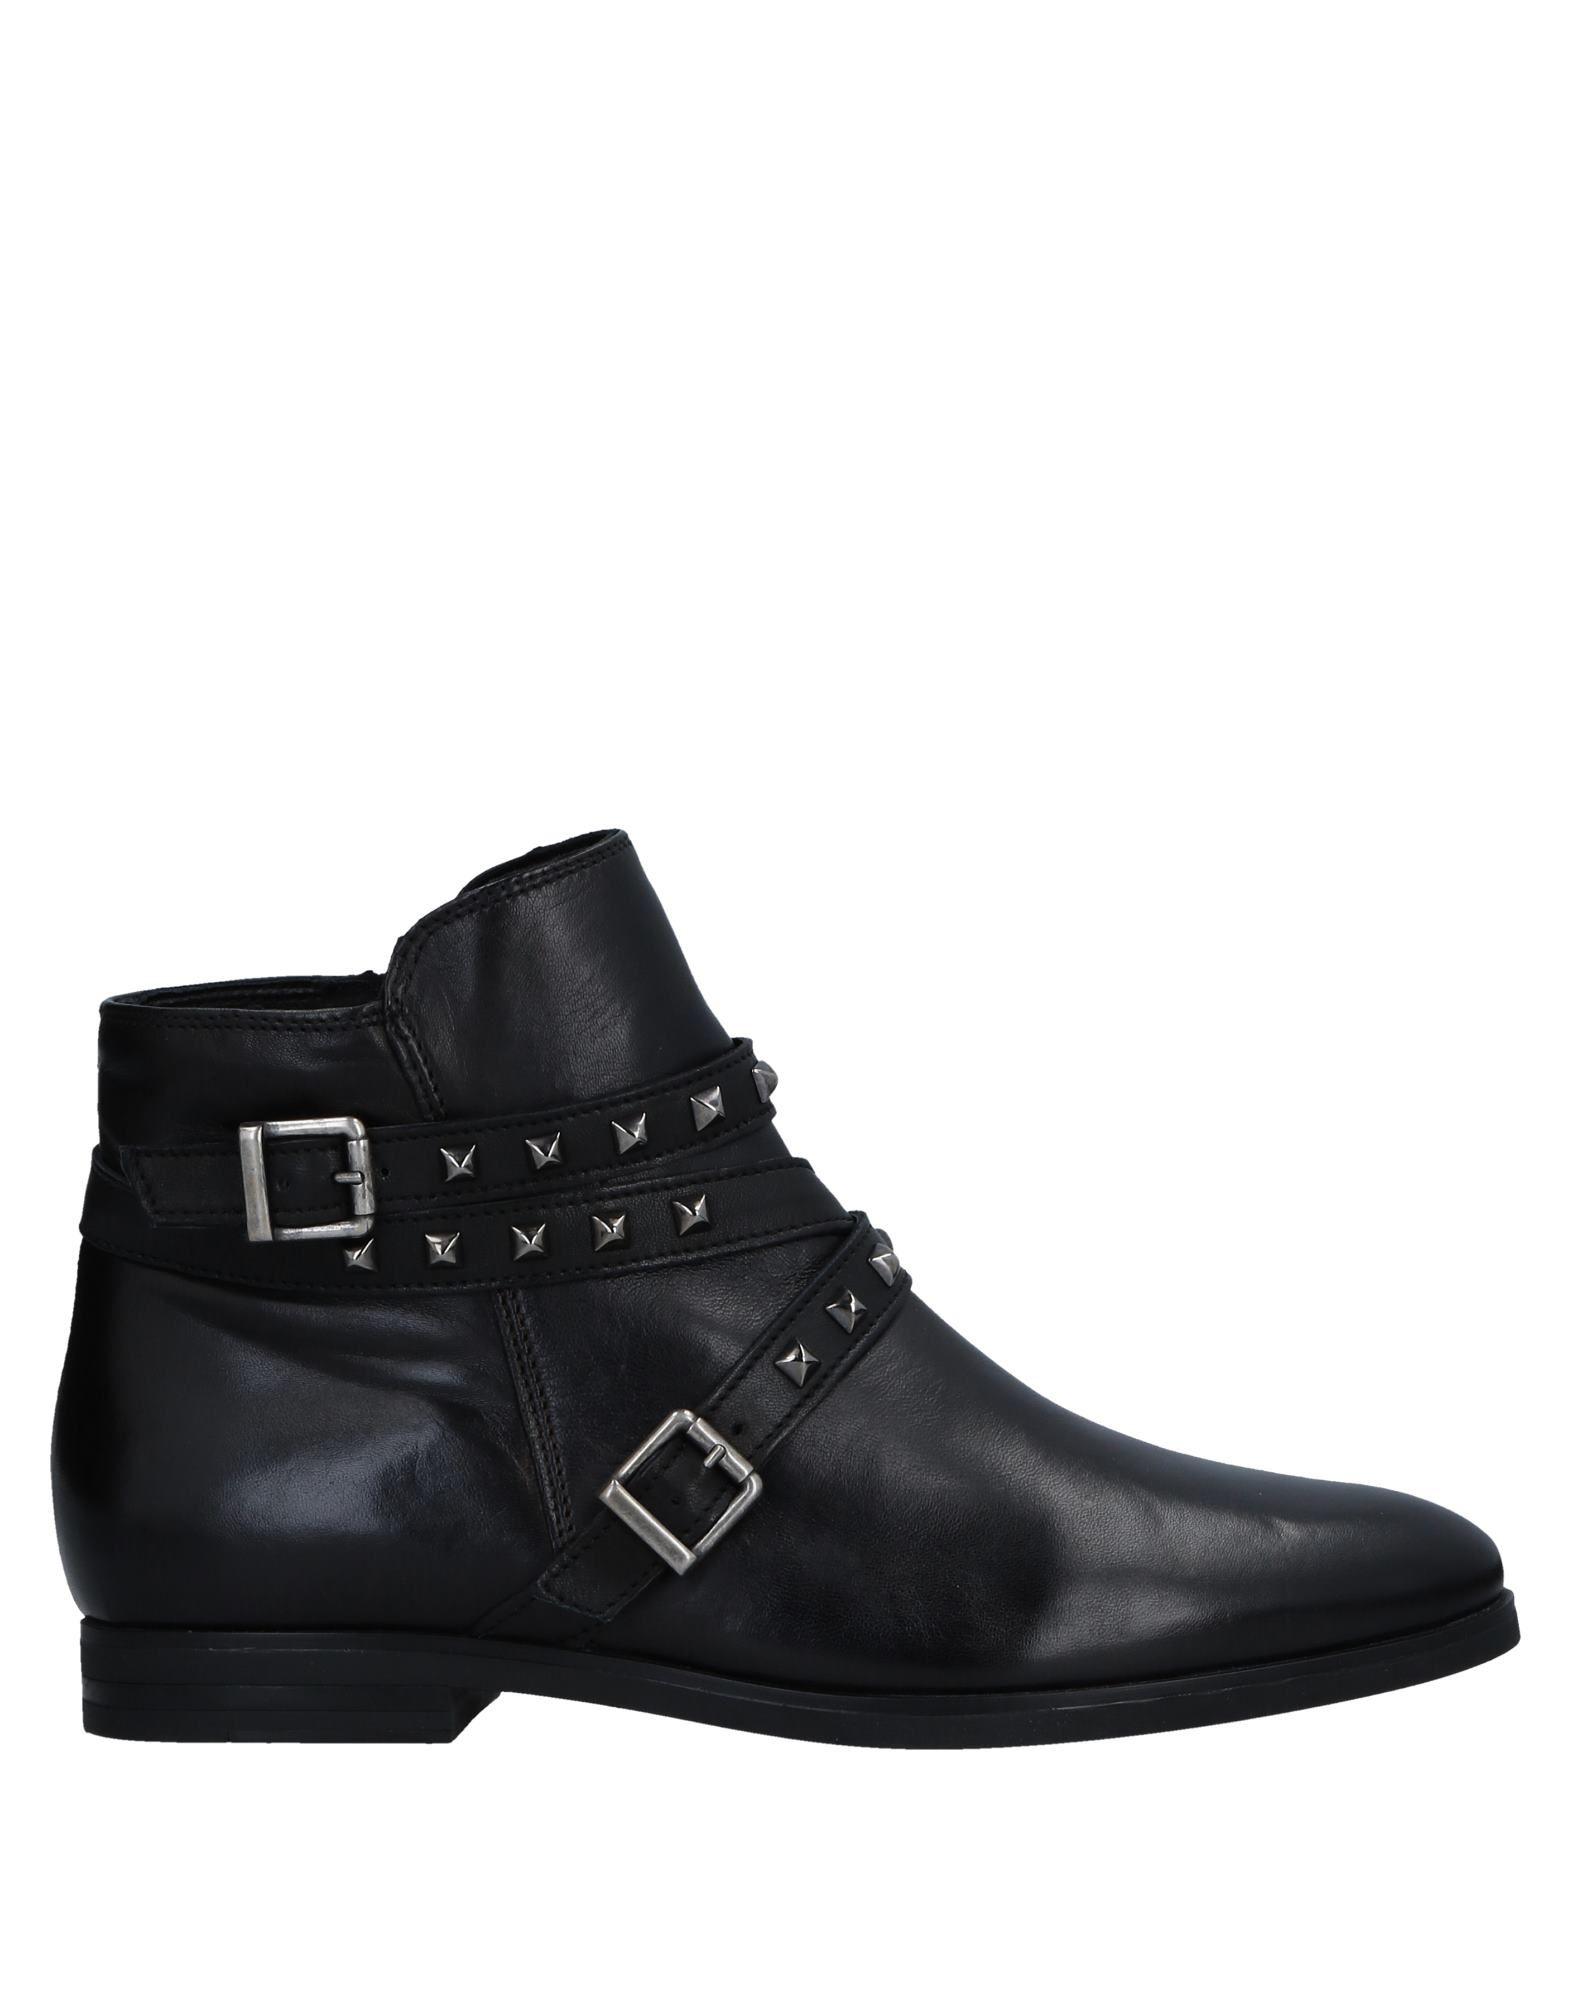 Fabbrica Deicolli Stiefelette Damen  11533817SP Gute Qualität beliebte Schuhe